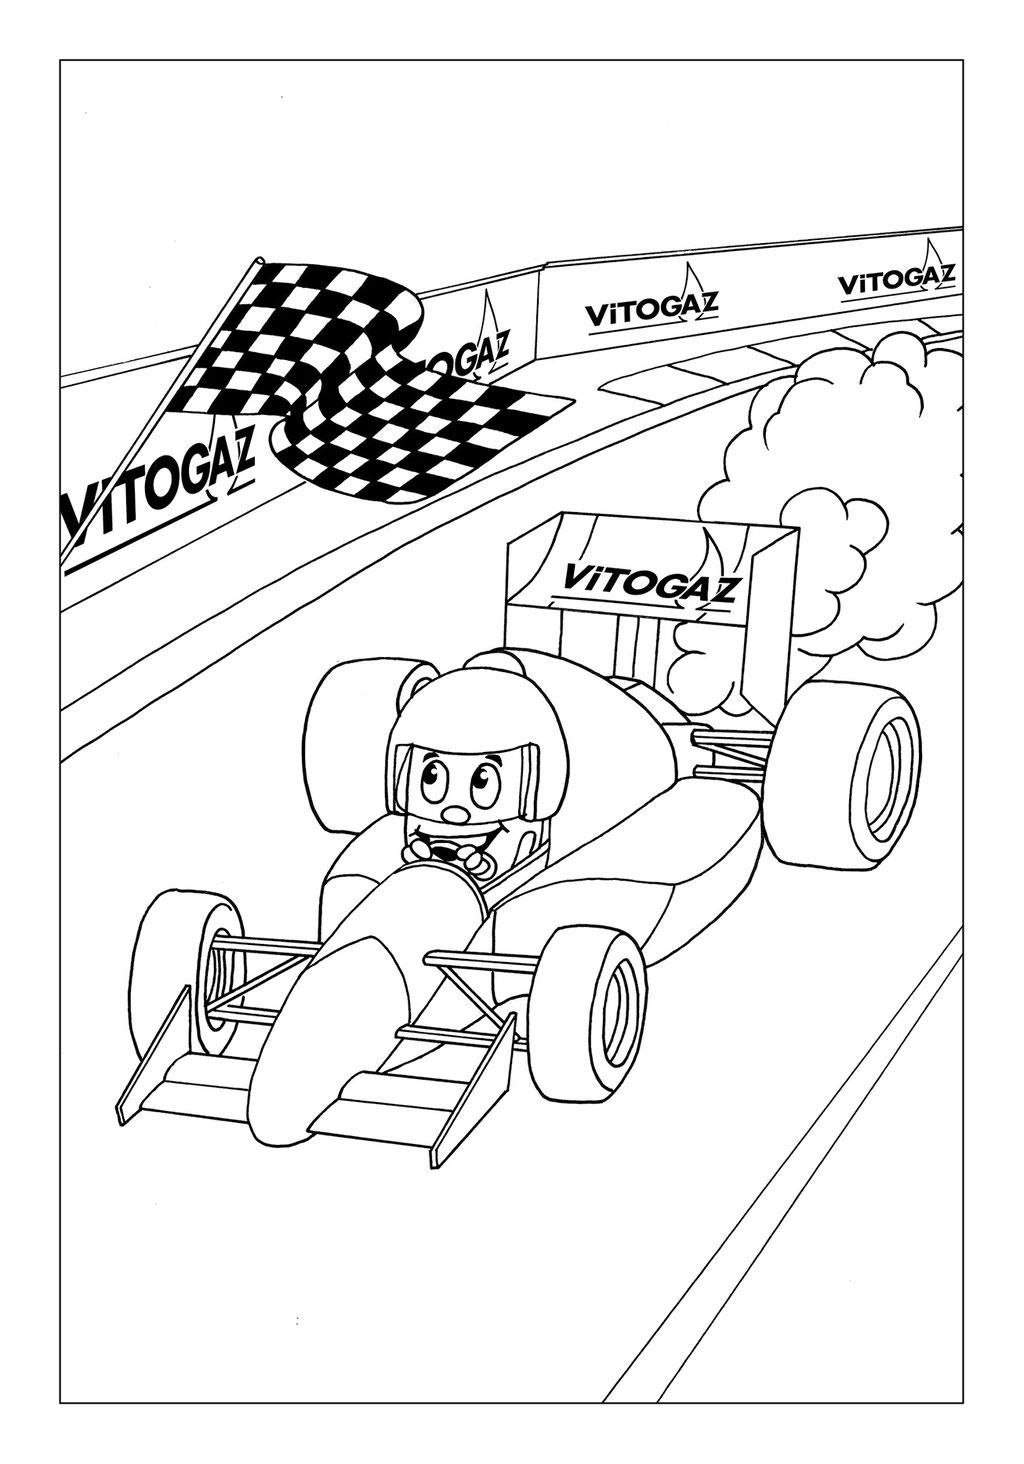 Vitogaz Kinder-Malbuch: Idee Zeichnung und Illustration: auf der Rennstrecke im Formel 1 Rennwagen